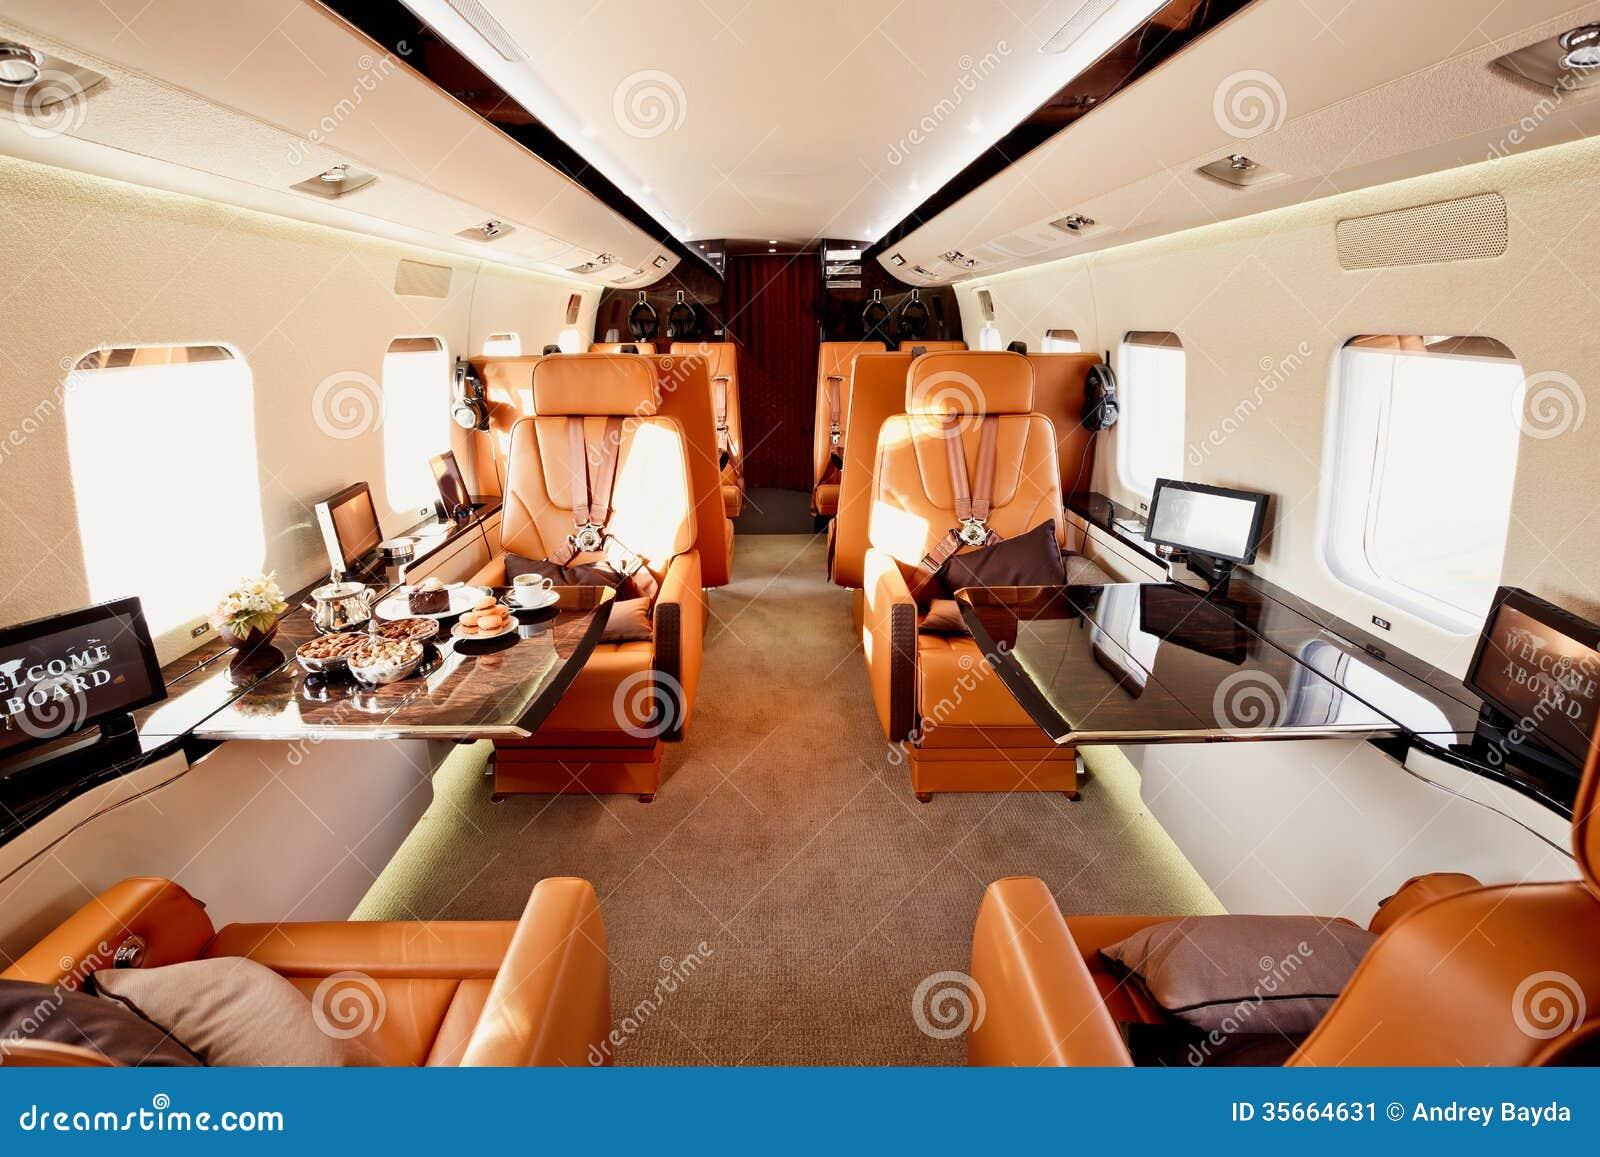 Private Plane Interior Stock Image Image 35664631